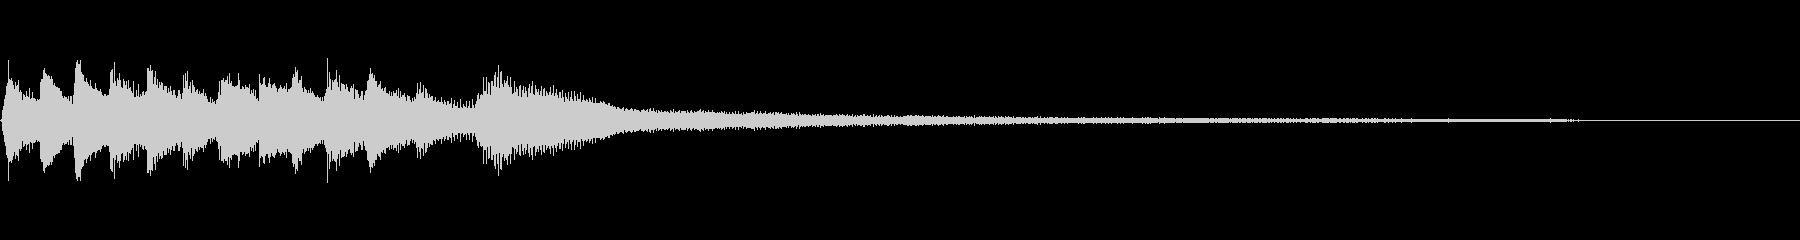 和風のジングル3-ピアノソロの未再生の波形